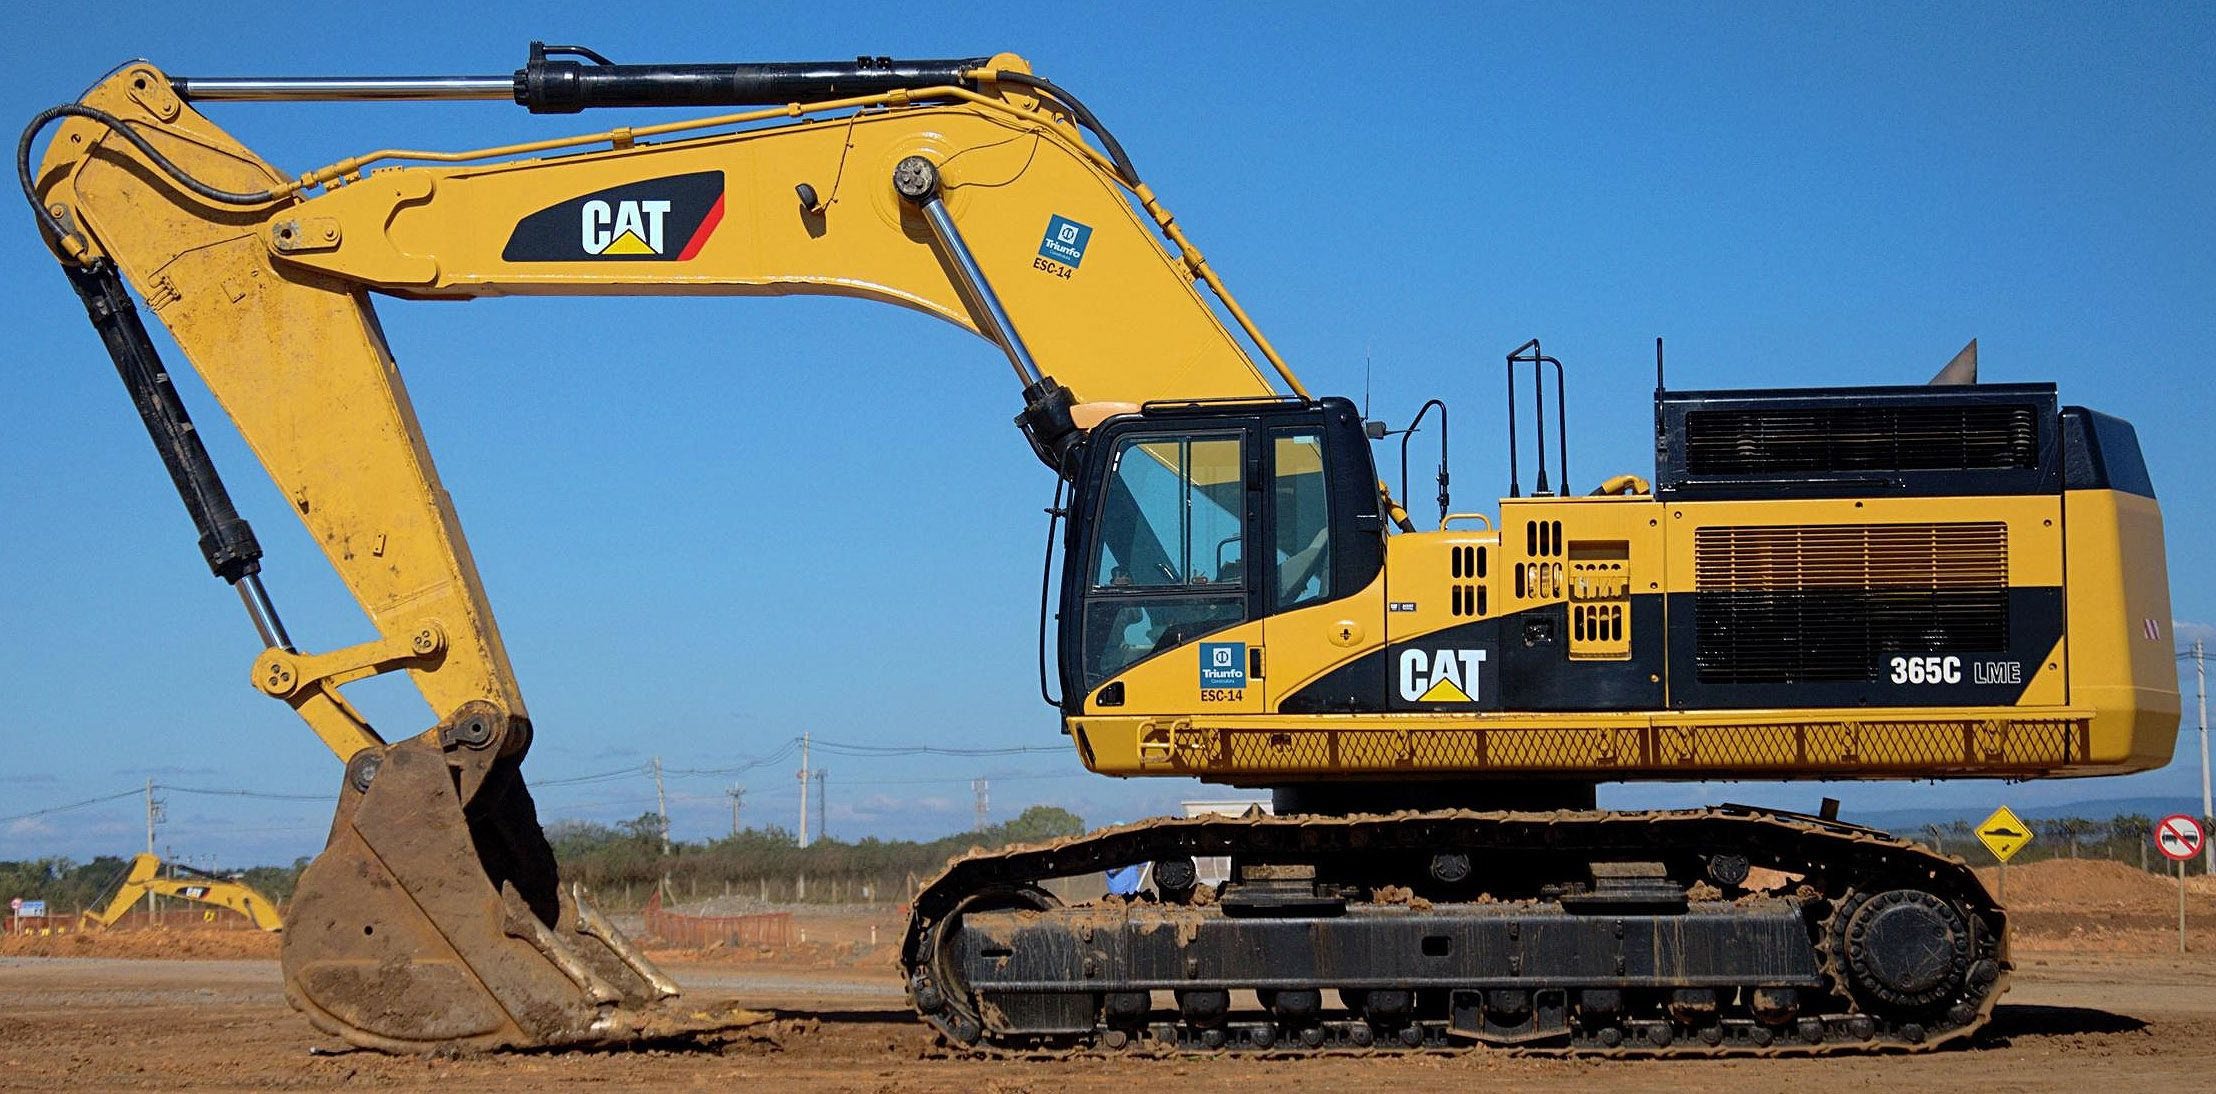 giant cat excavator - photo #10